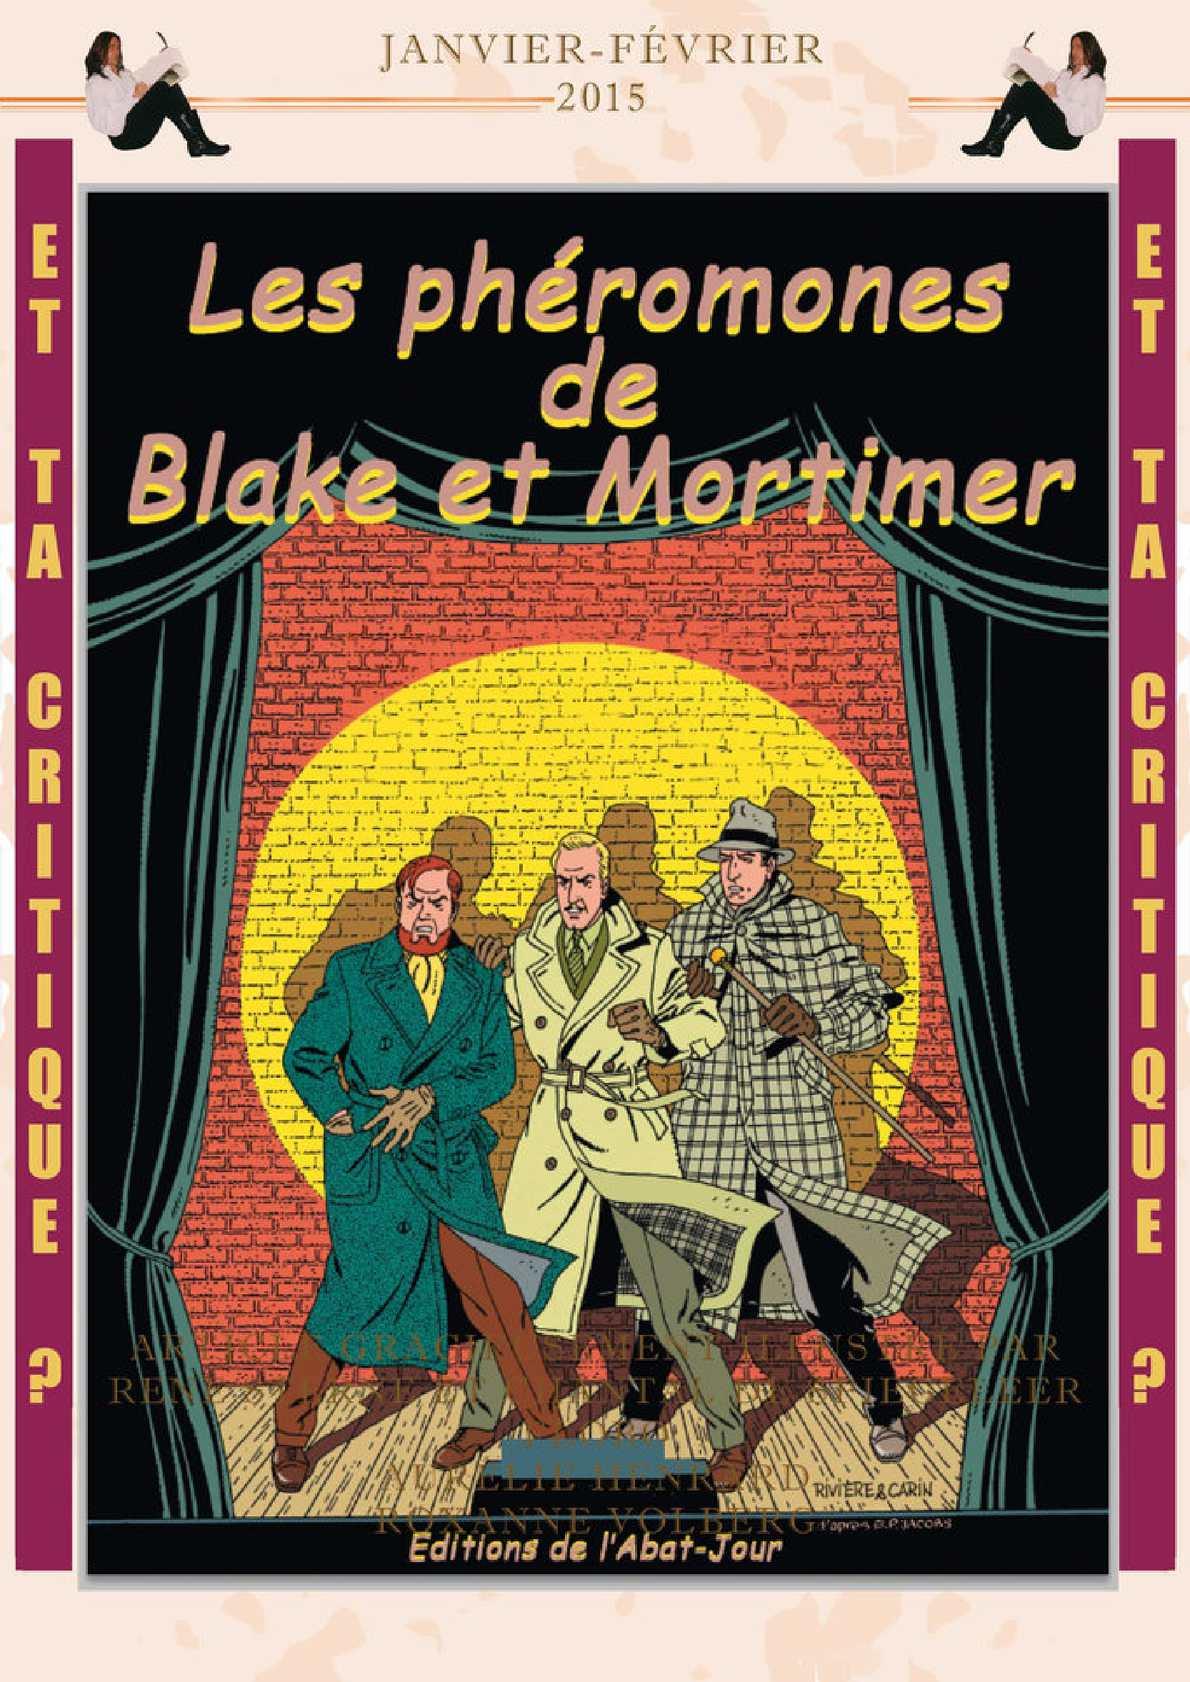 Les phéromones de Blake et Mortimer